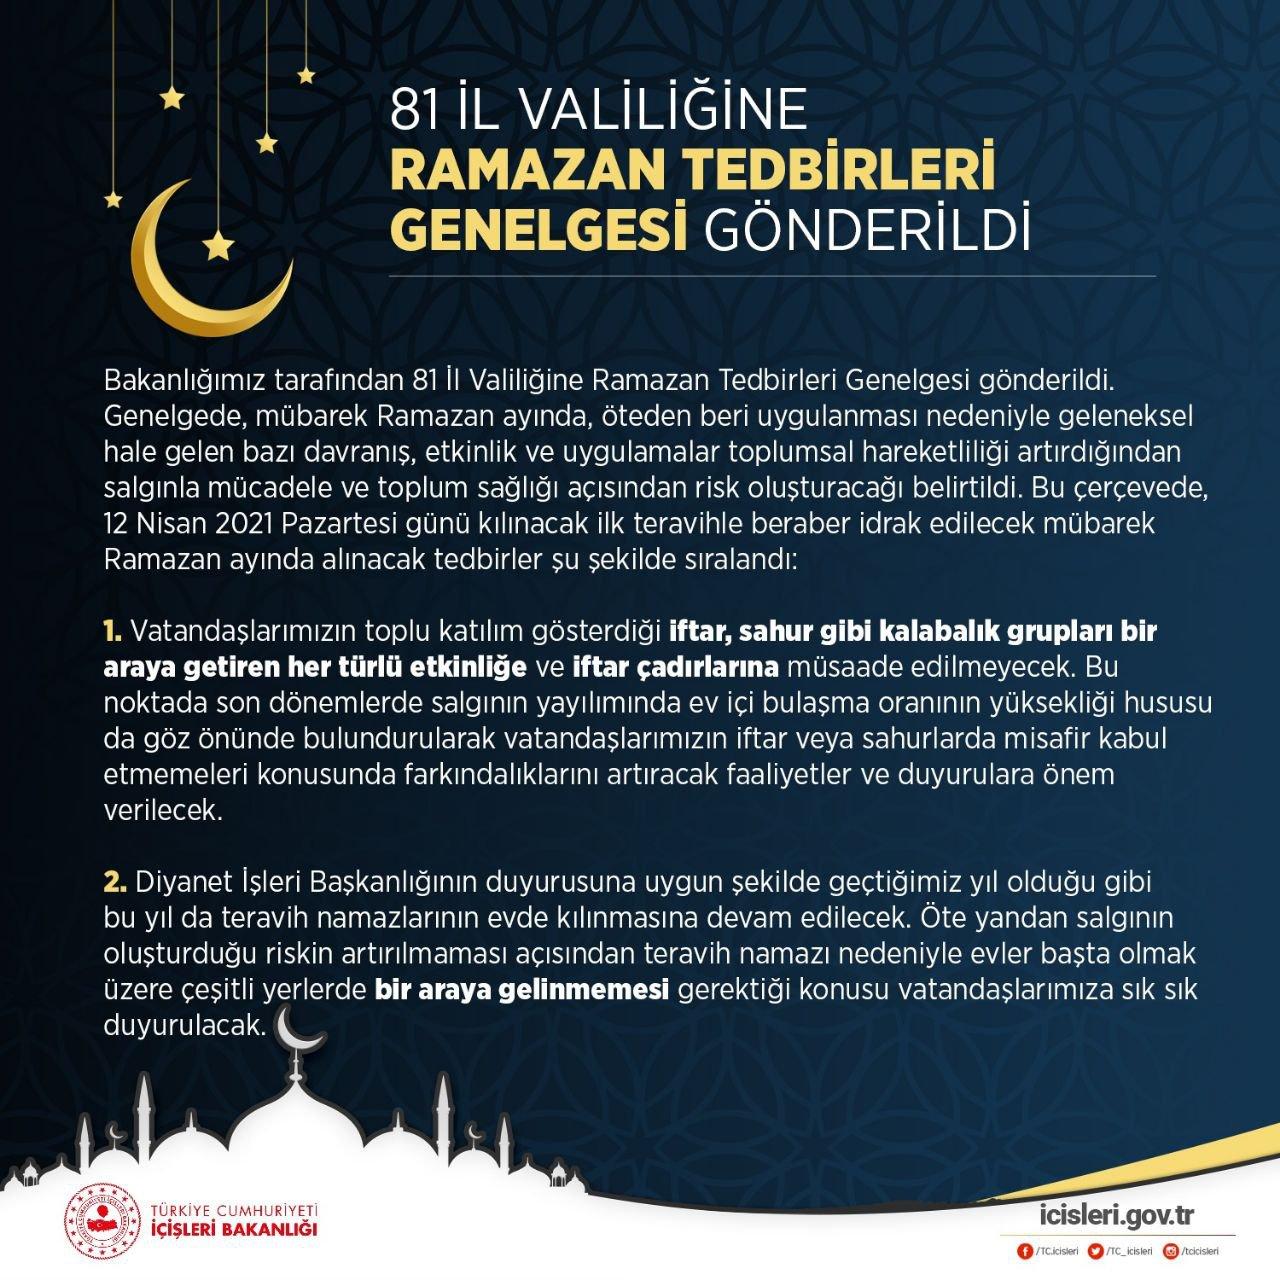 T.C. İçişleri Bakanlığı'nca, 81 İl Valiliğine Ramazan Ayı Tedbirleri konulu genelge gönderildi.